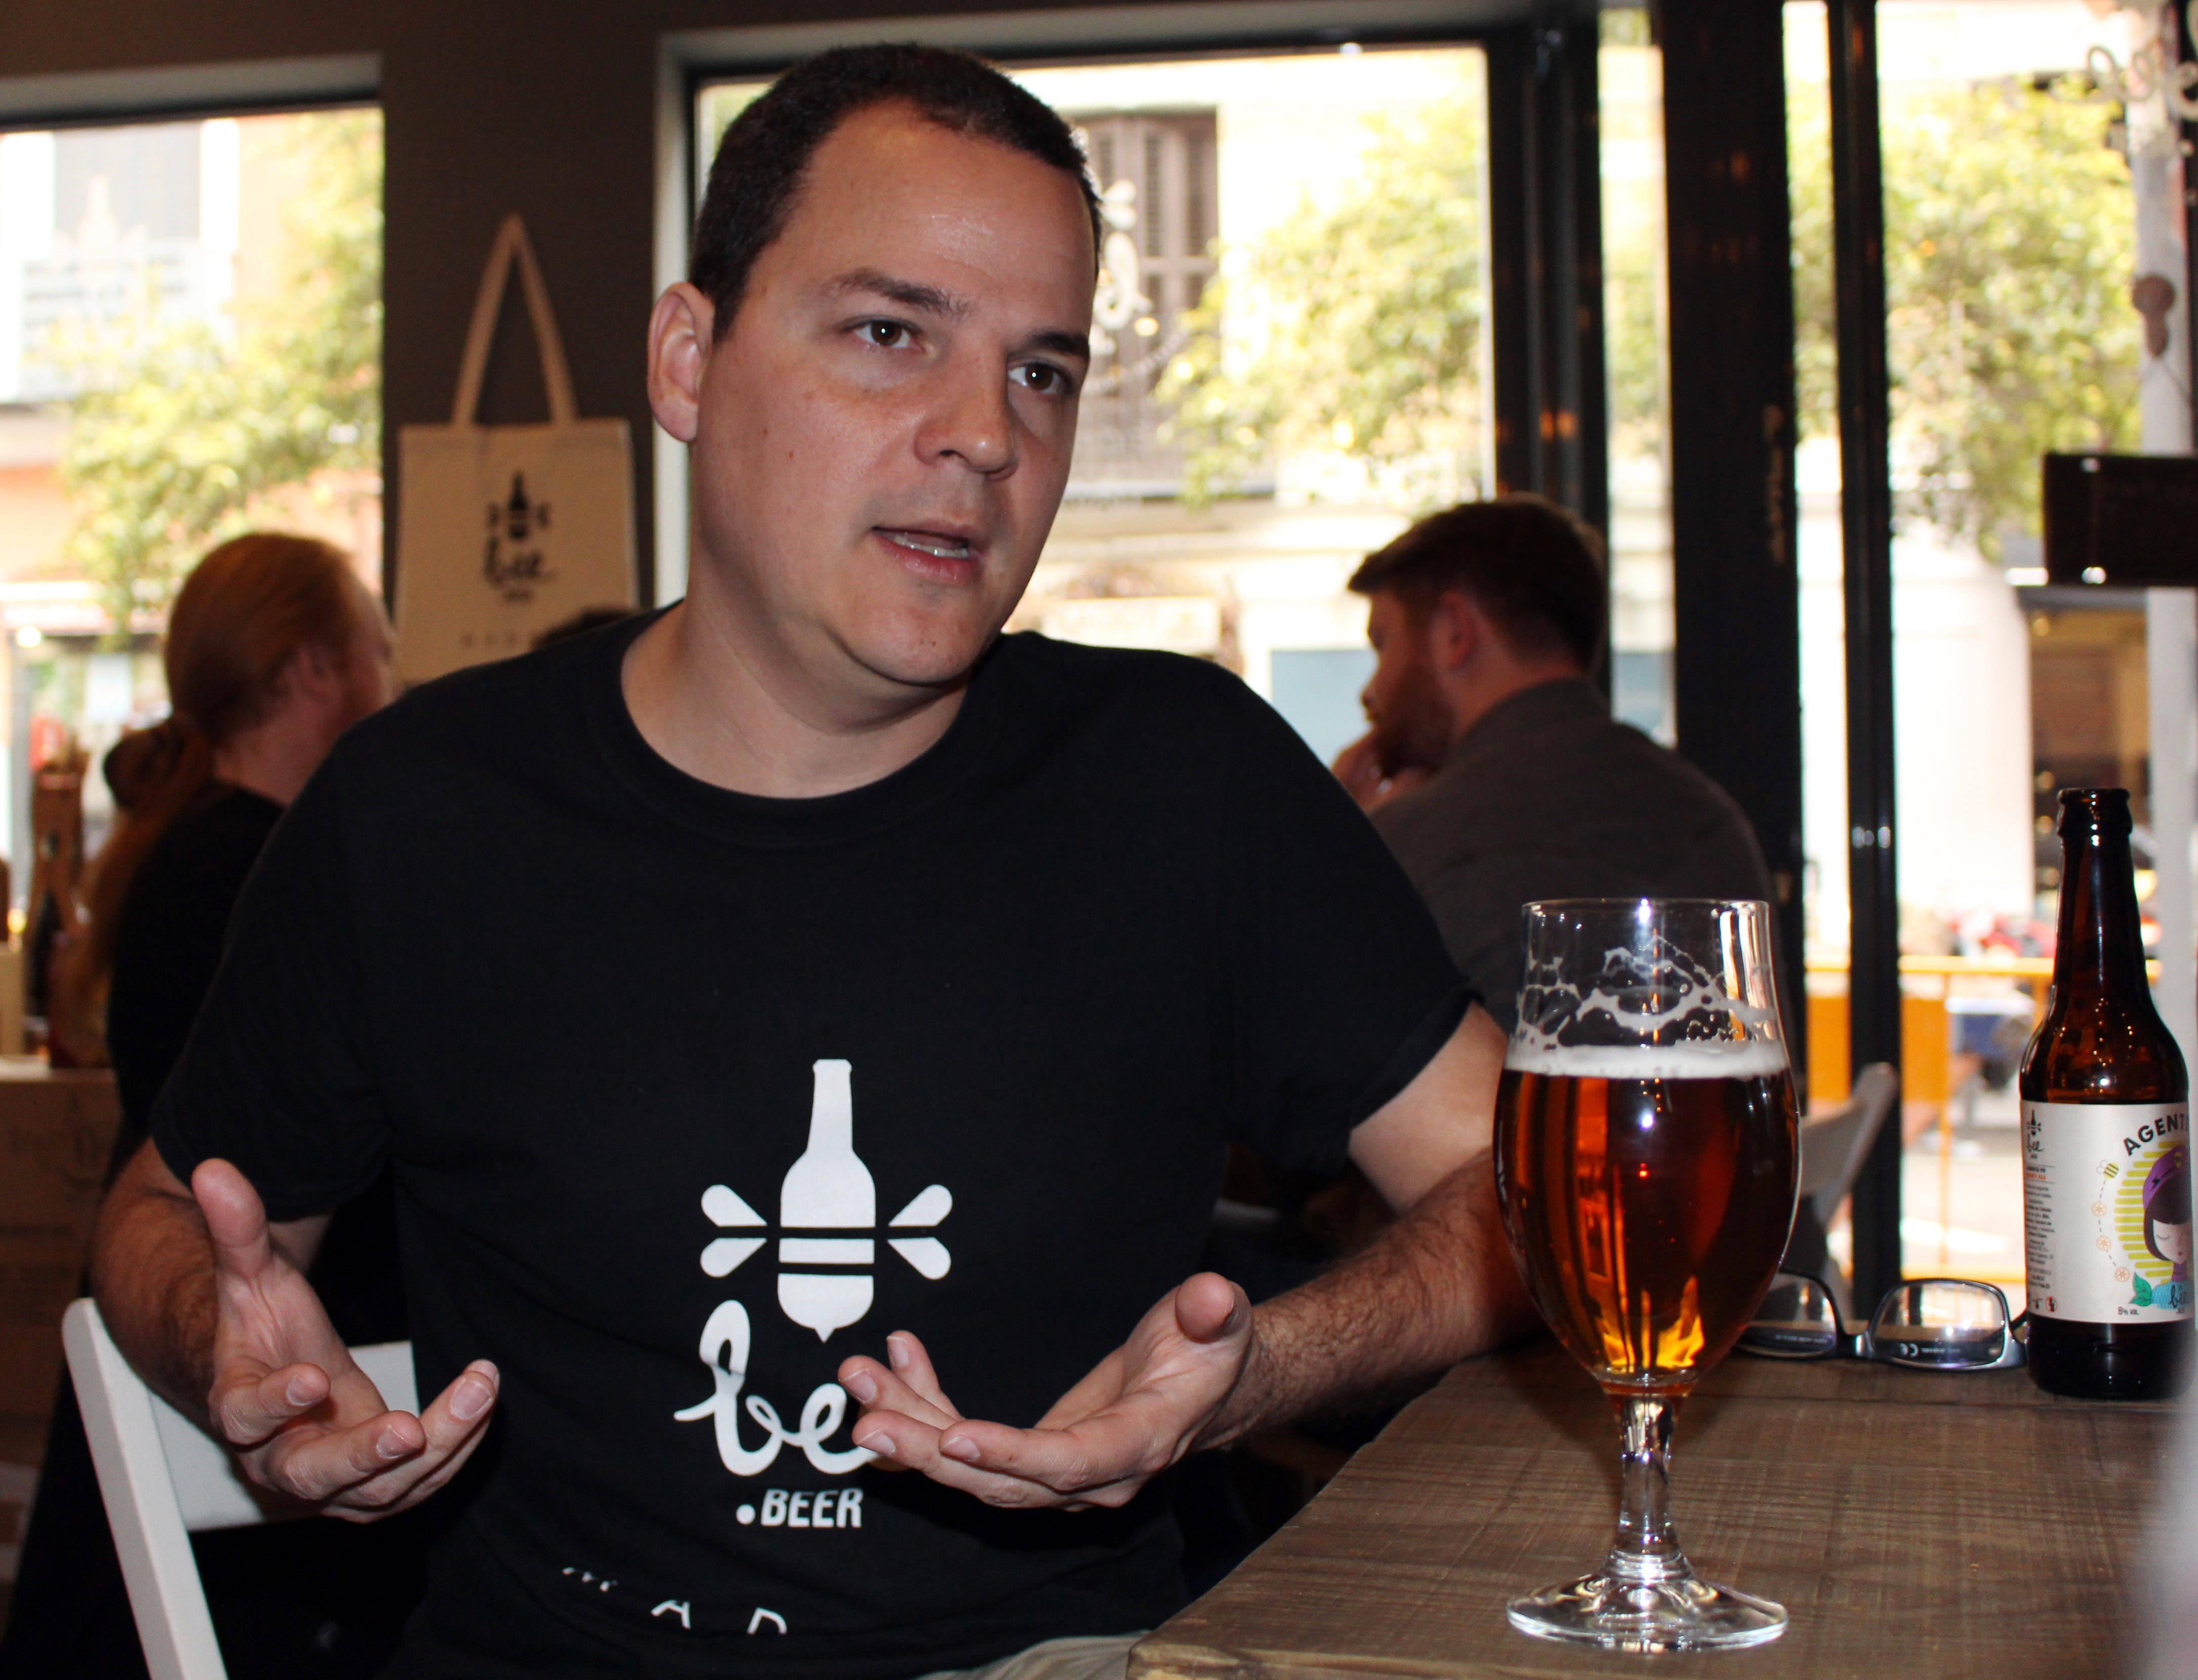 La inversión inicial de un establecimiento similar a Bee Beer rondará los 80.000 euros.